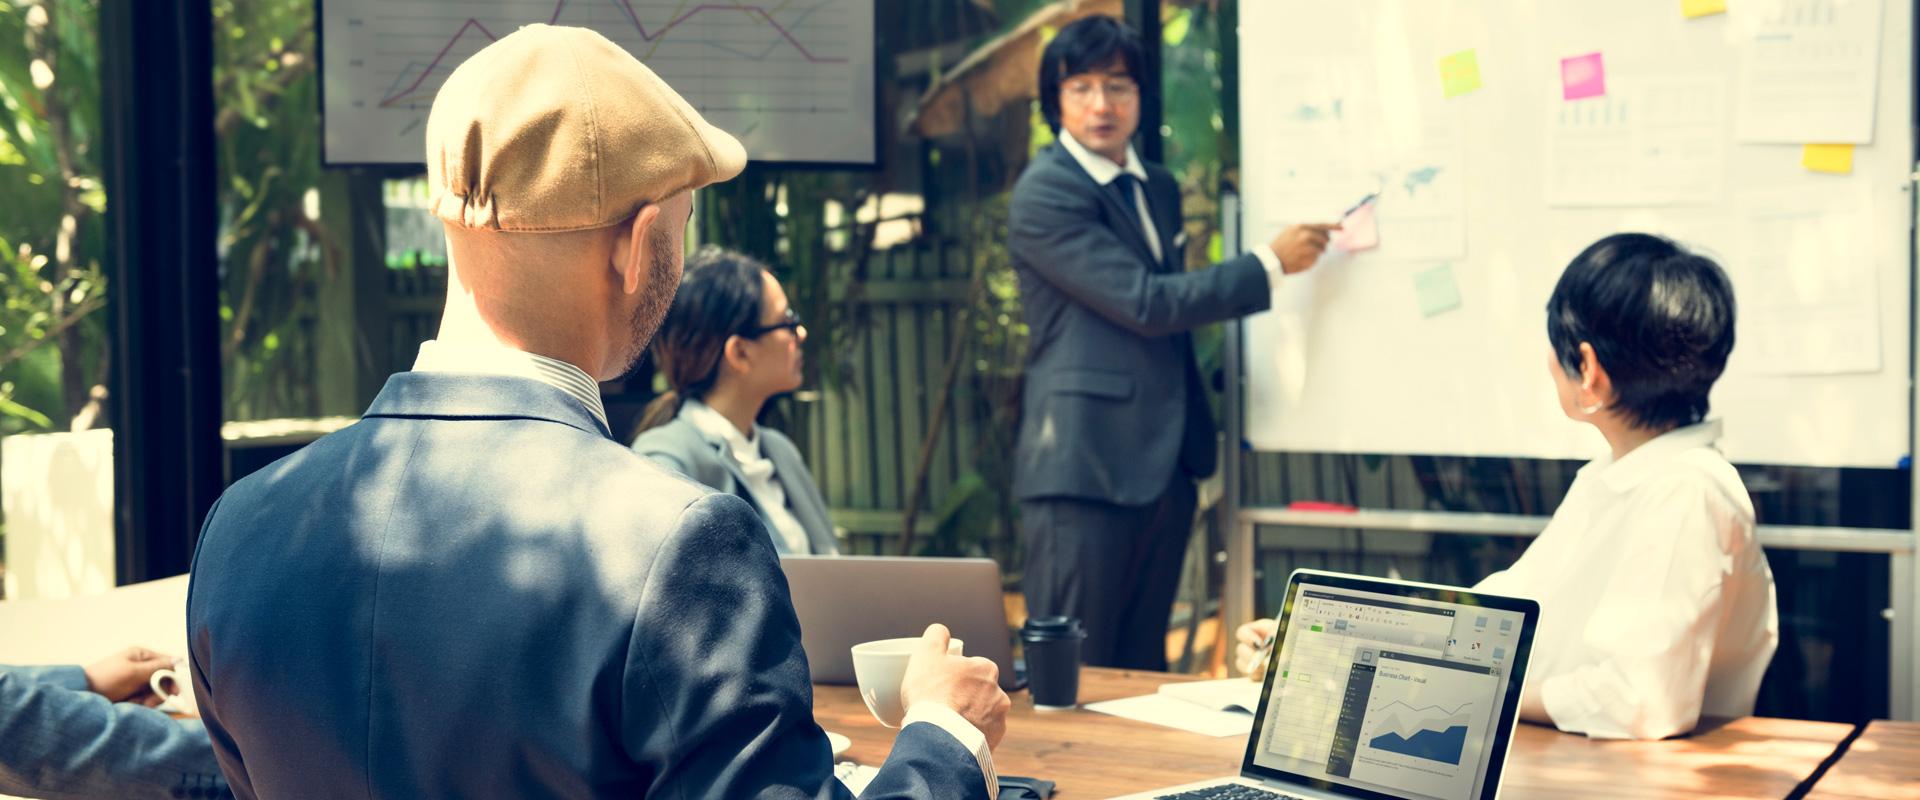 groupe de personnes travaillant et plannifiant à l'aide d'un tableau